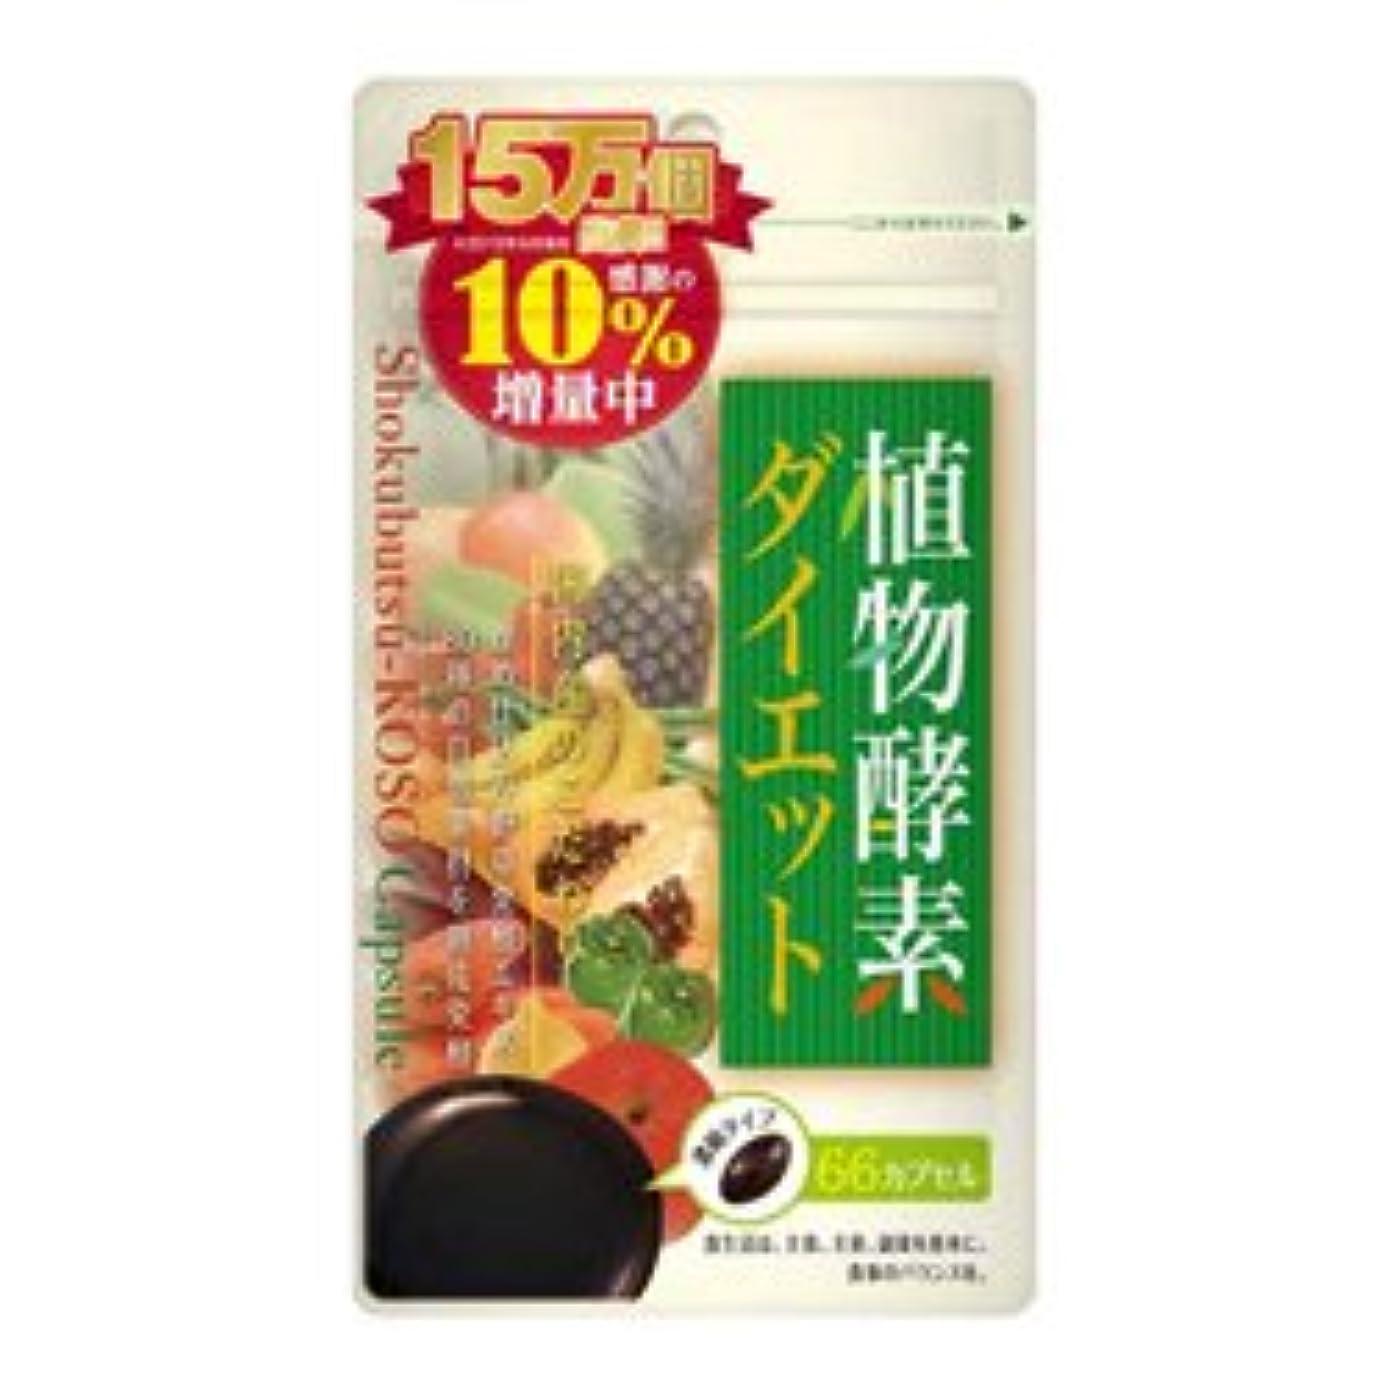 形状浴折【ウエルネスジャパン】植物酵素ダイエット 66カプセル ×3個セット